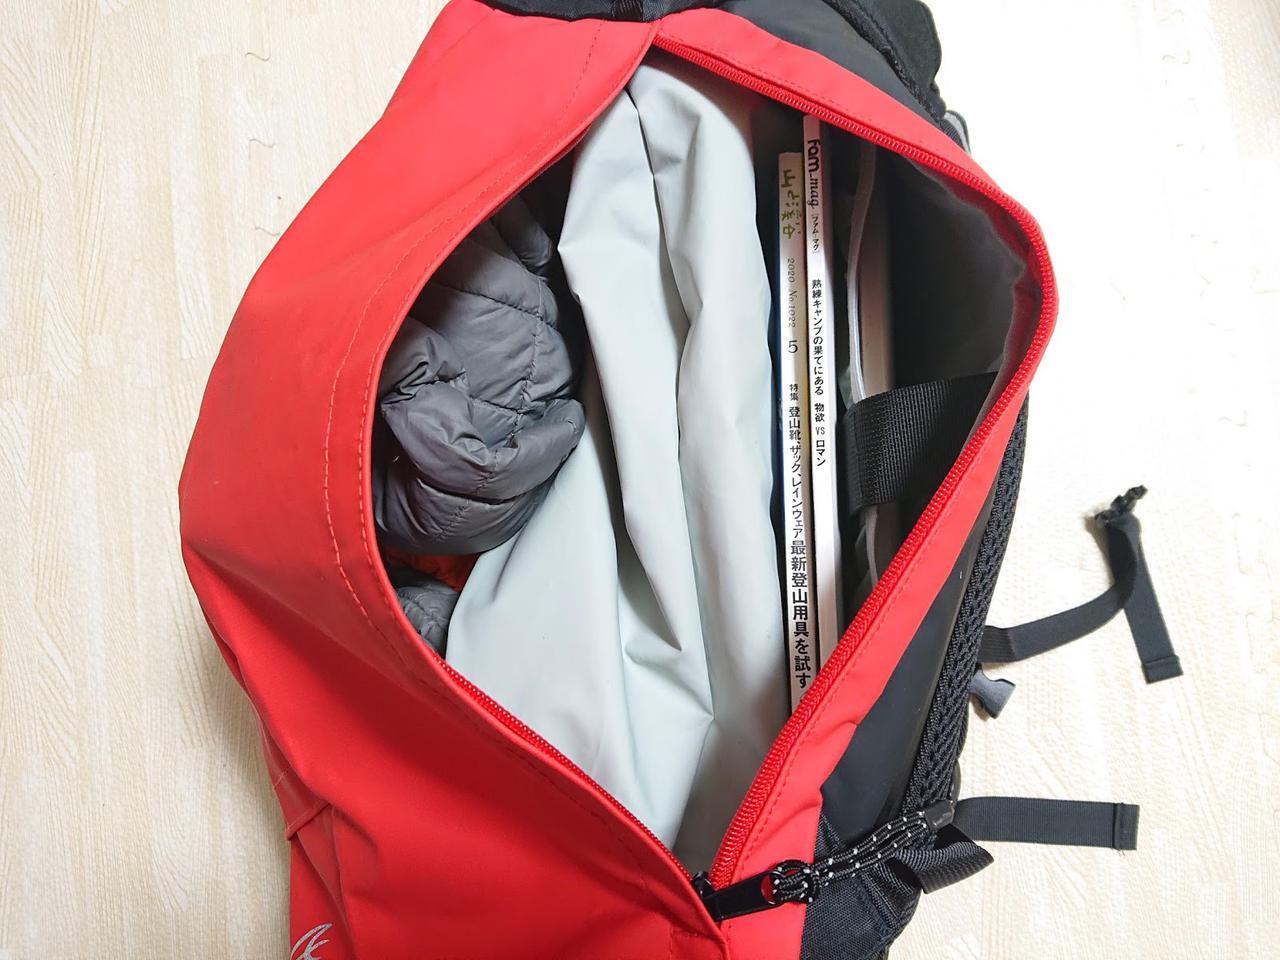 画像: 筆者撮影 防水袋の右側に本とパソコン、左側に衣類などを入れています。